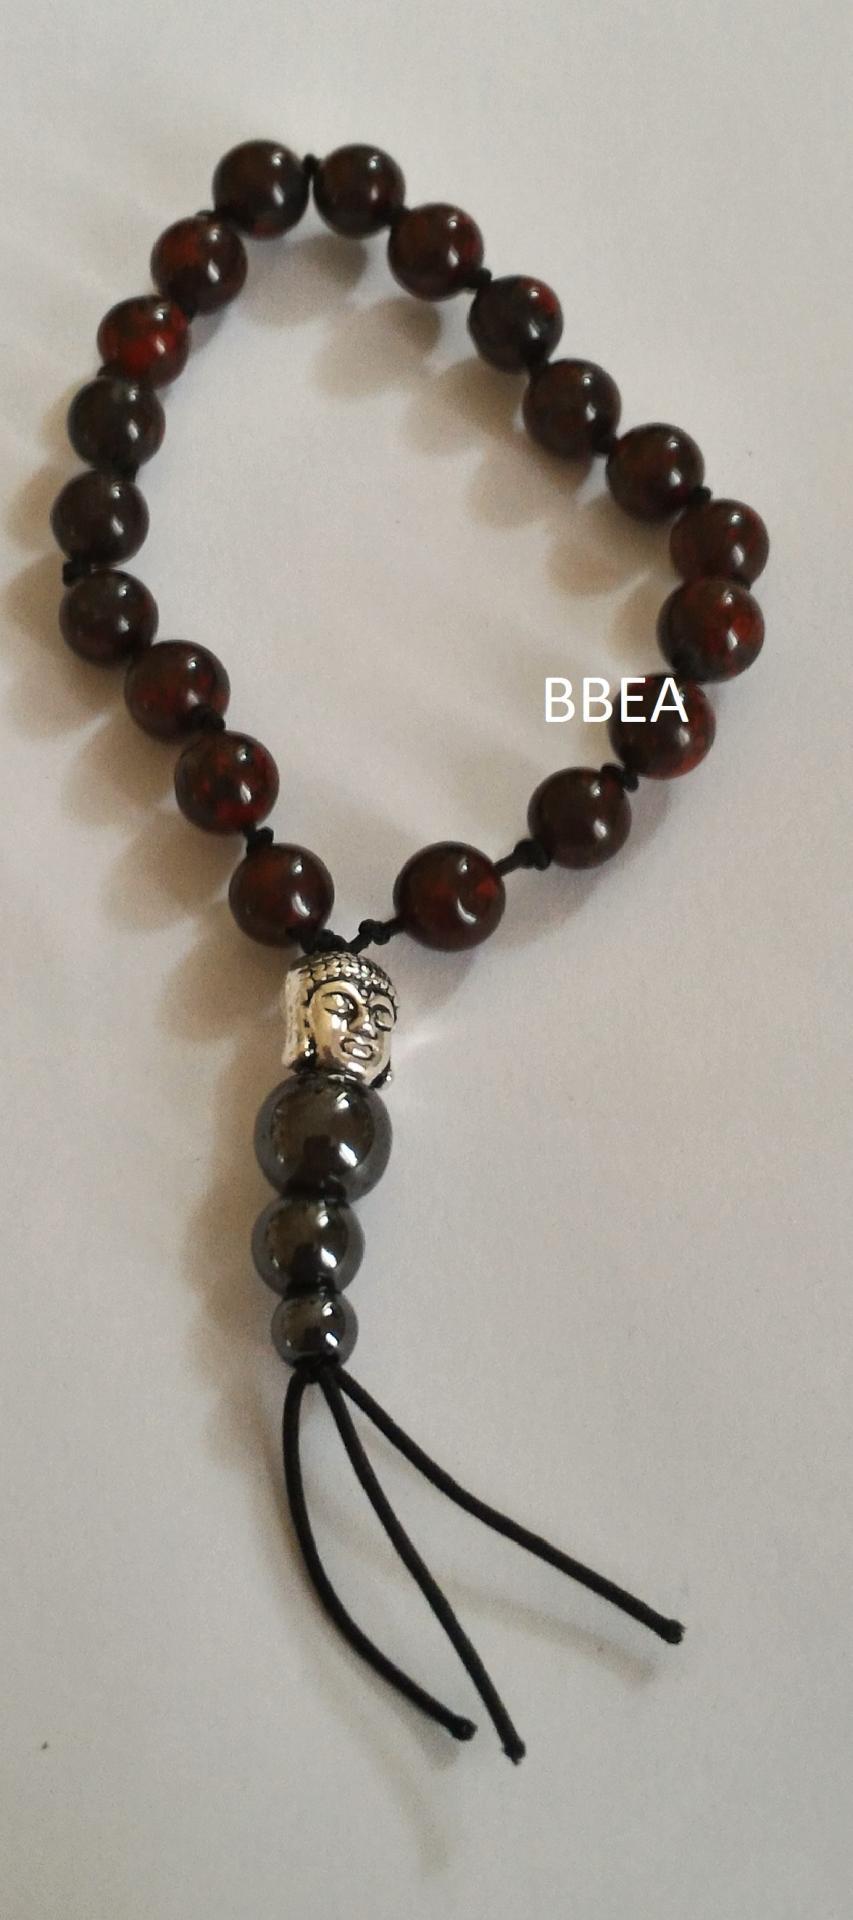 Bracelet tibetain jaspe brechia